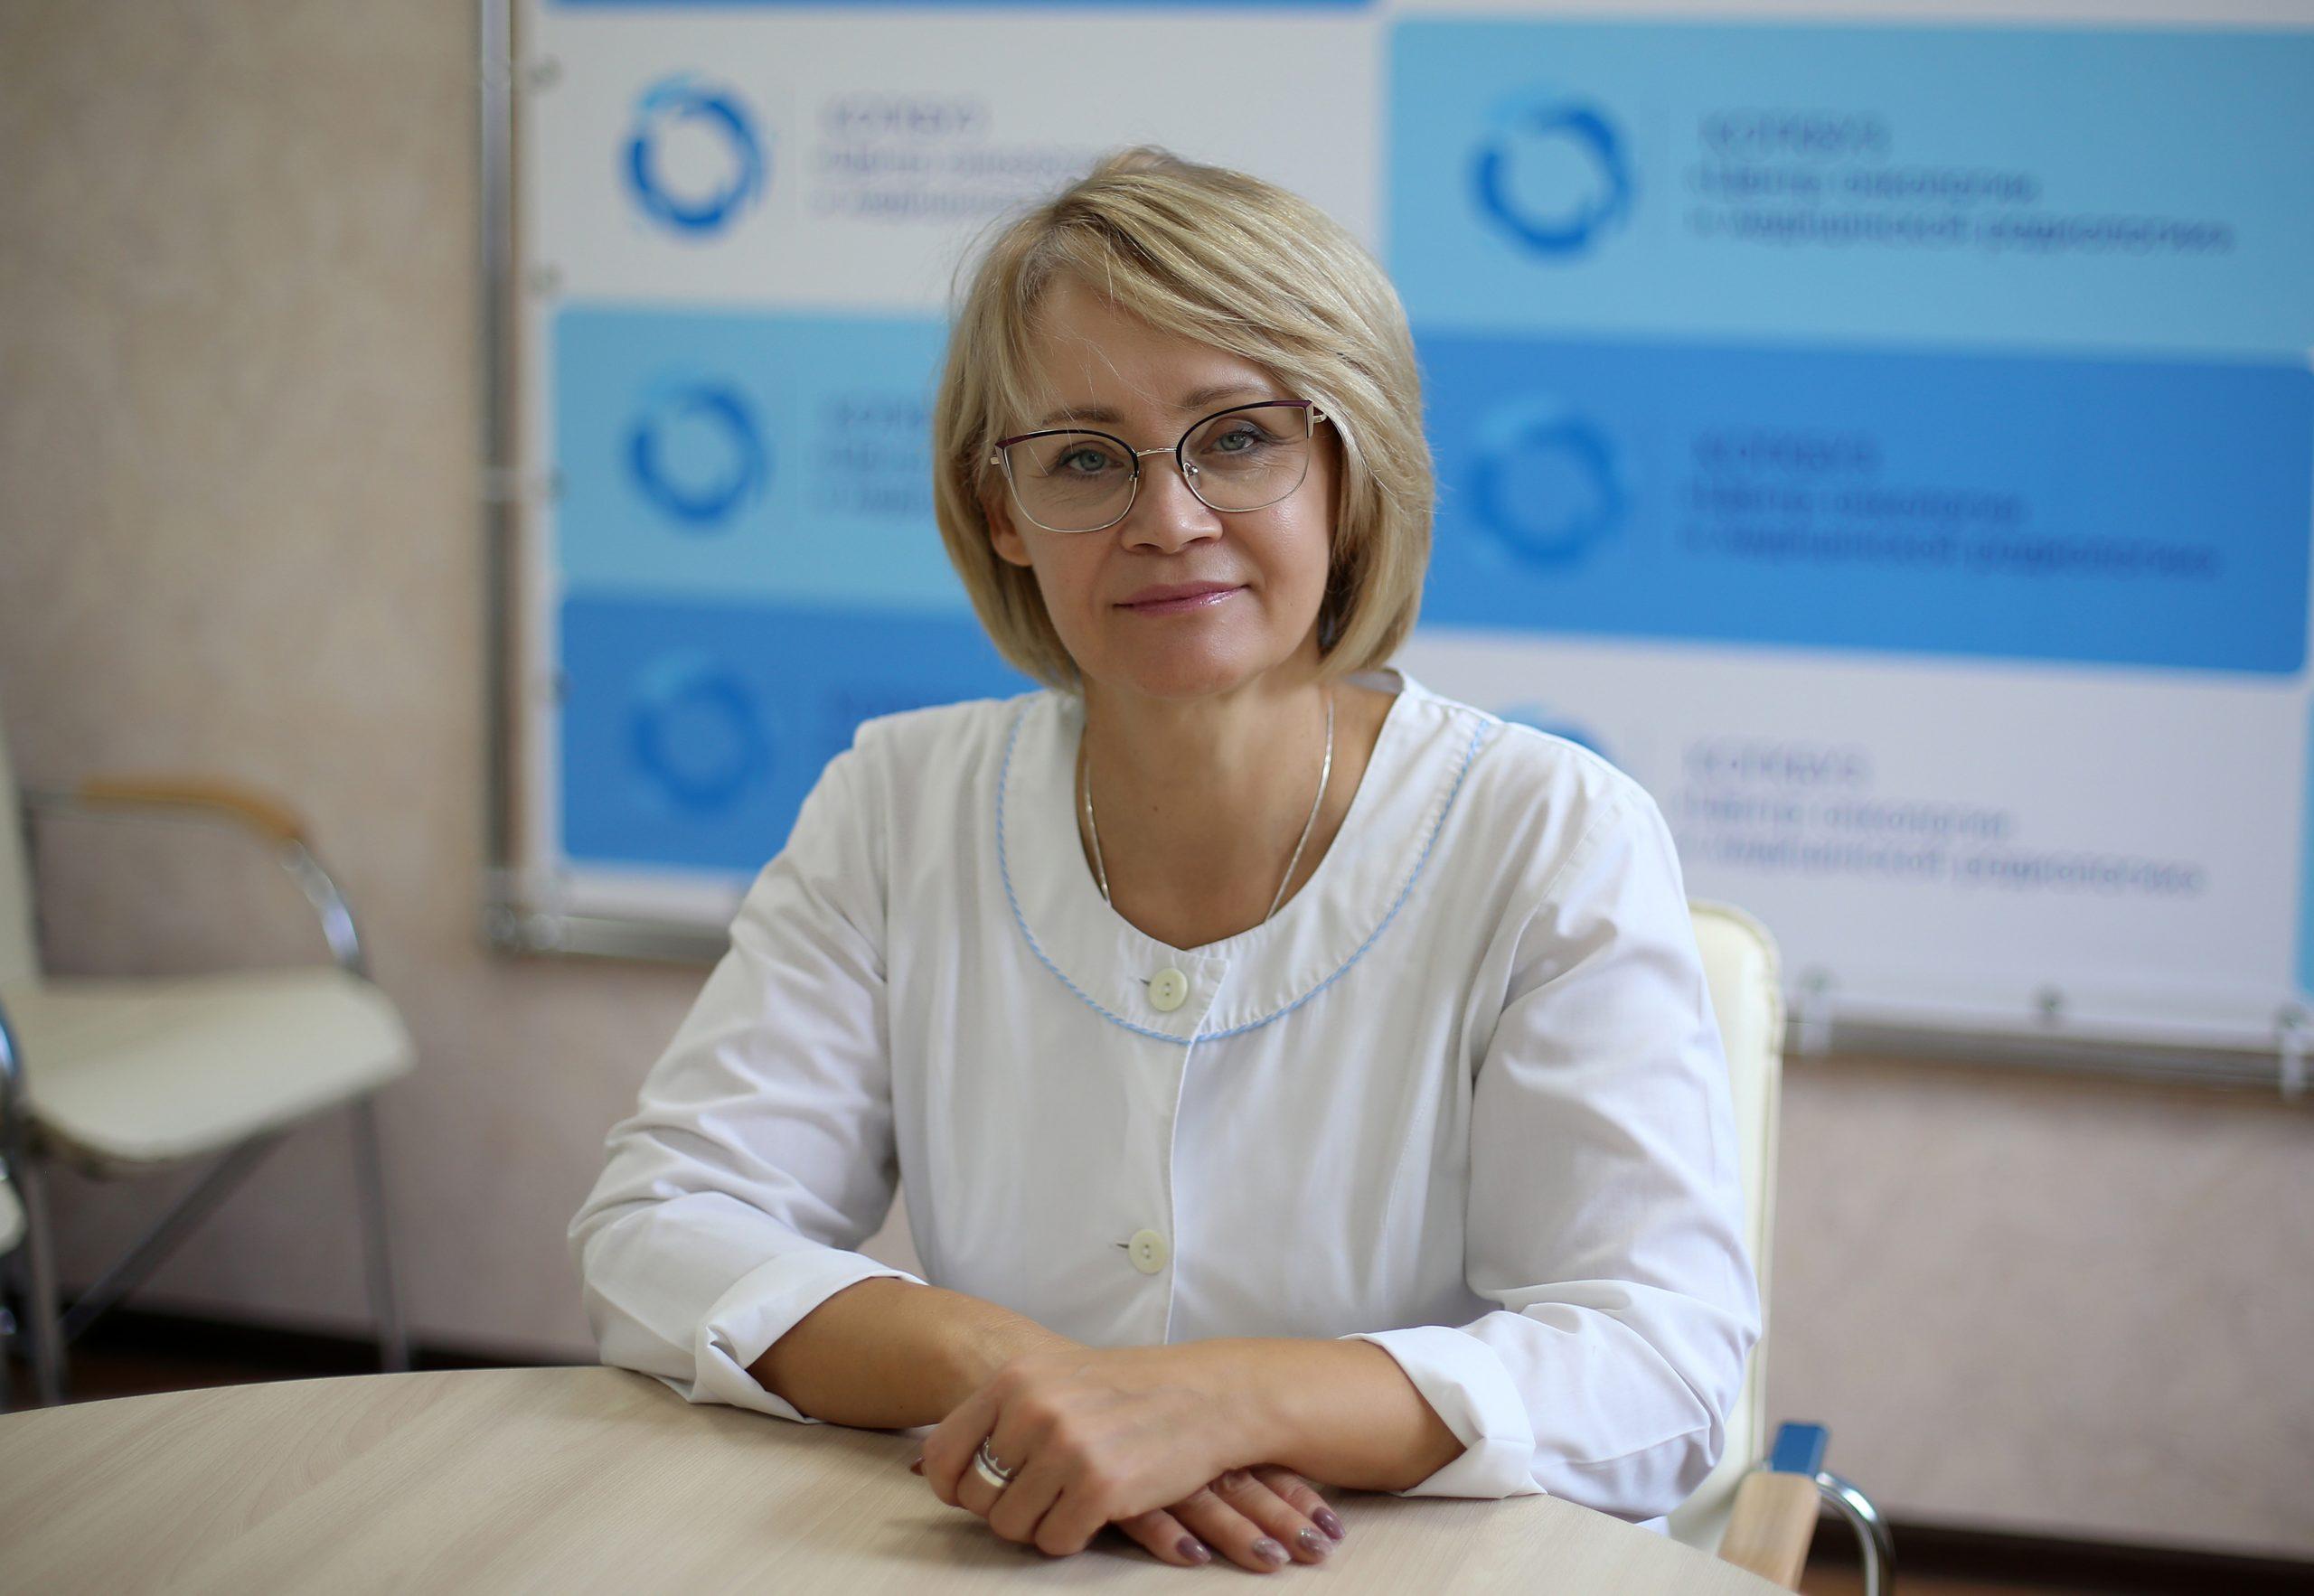 В Кировской области пациентам с онкологическими заболеваниями будет оказываться бесплатная психологическая помощь